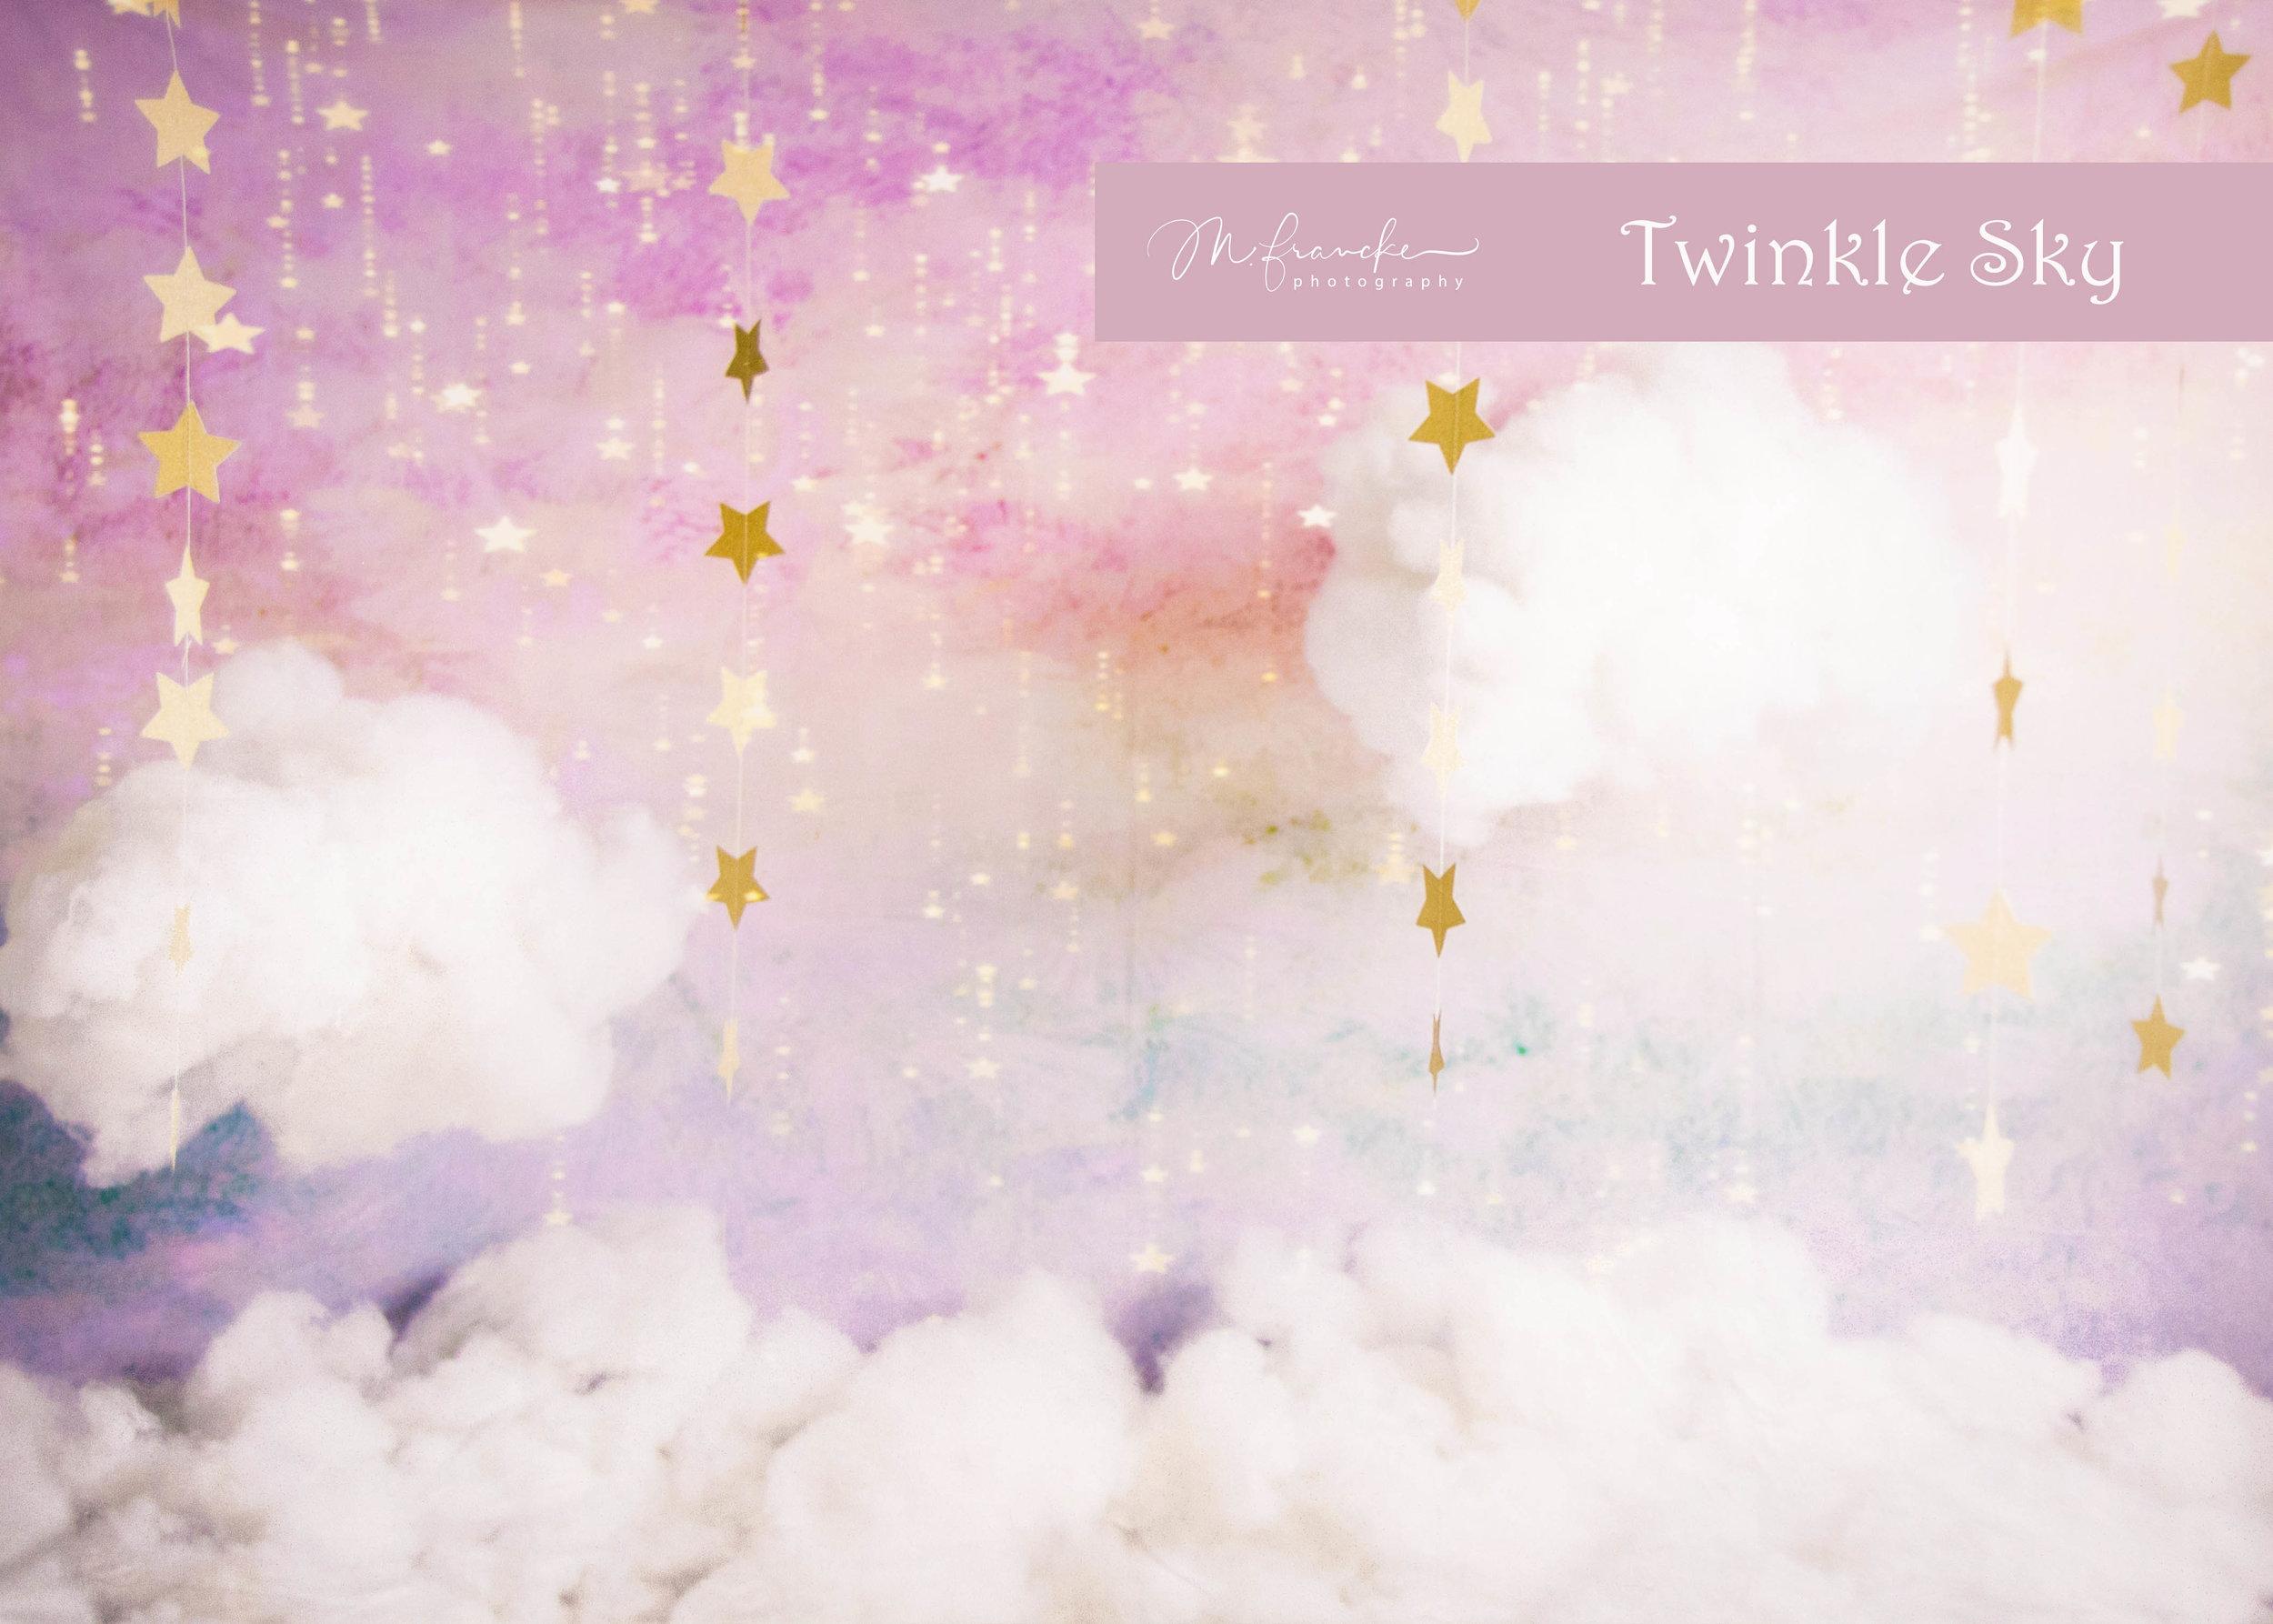 TwinkleSky-MFranckePhotography.jpg